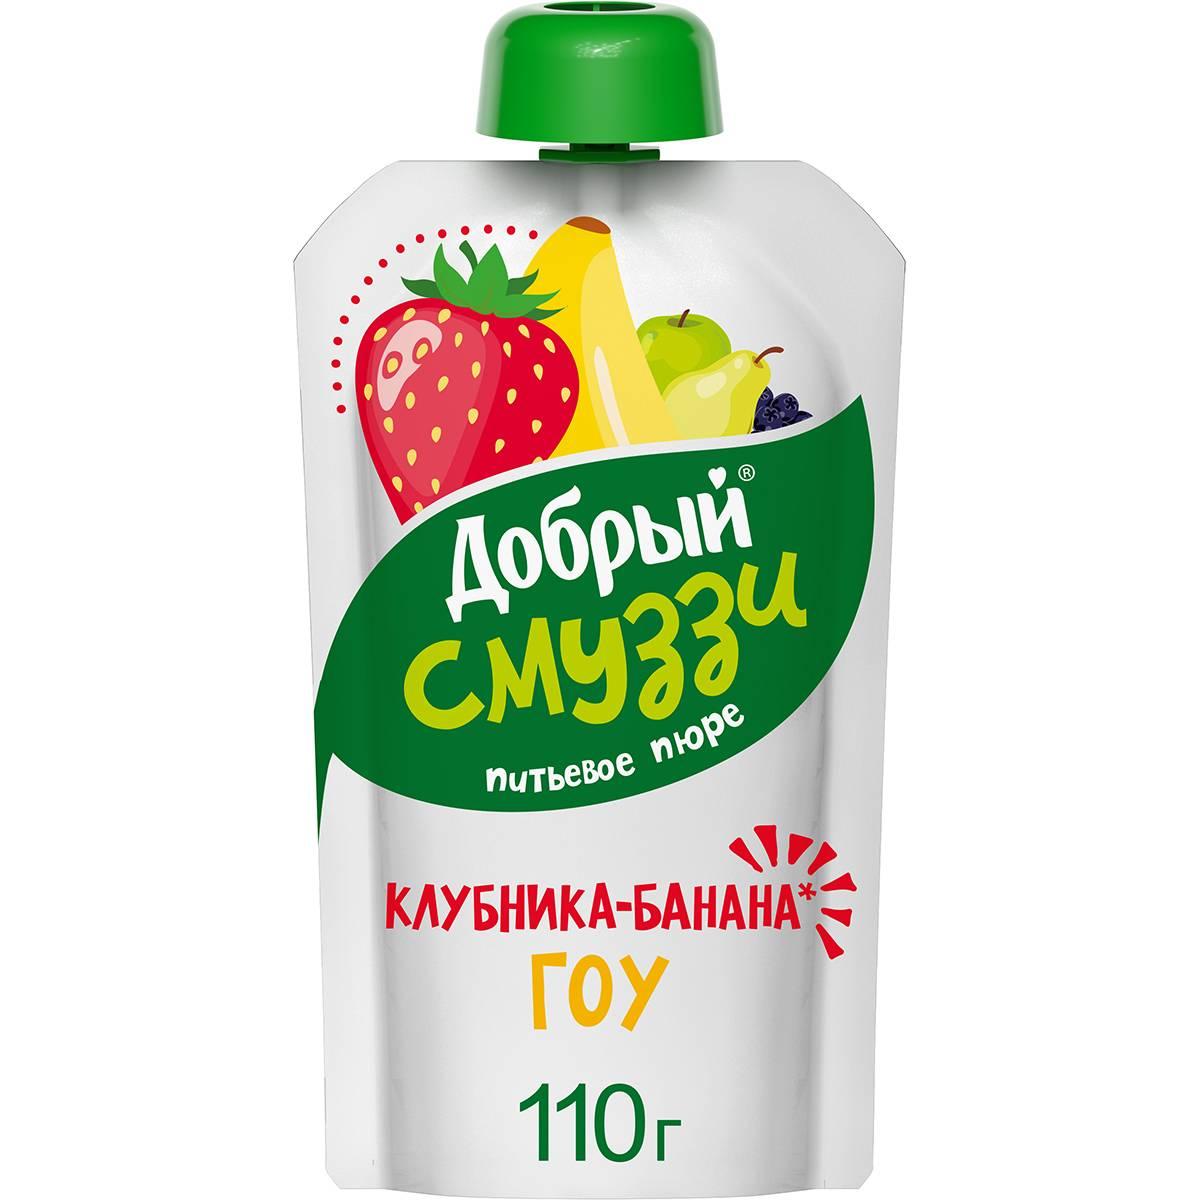 Смузи be true отзывы - безалкогольные напитки - первый независимый сайт отзывов россии